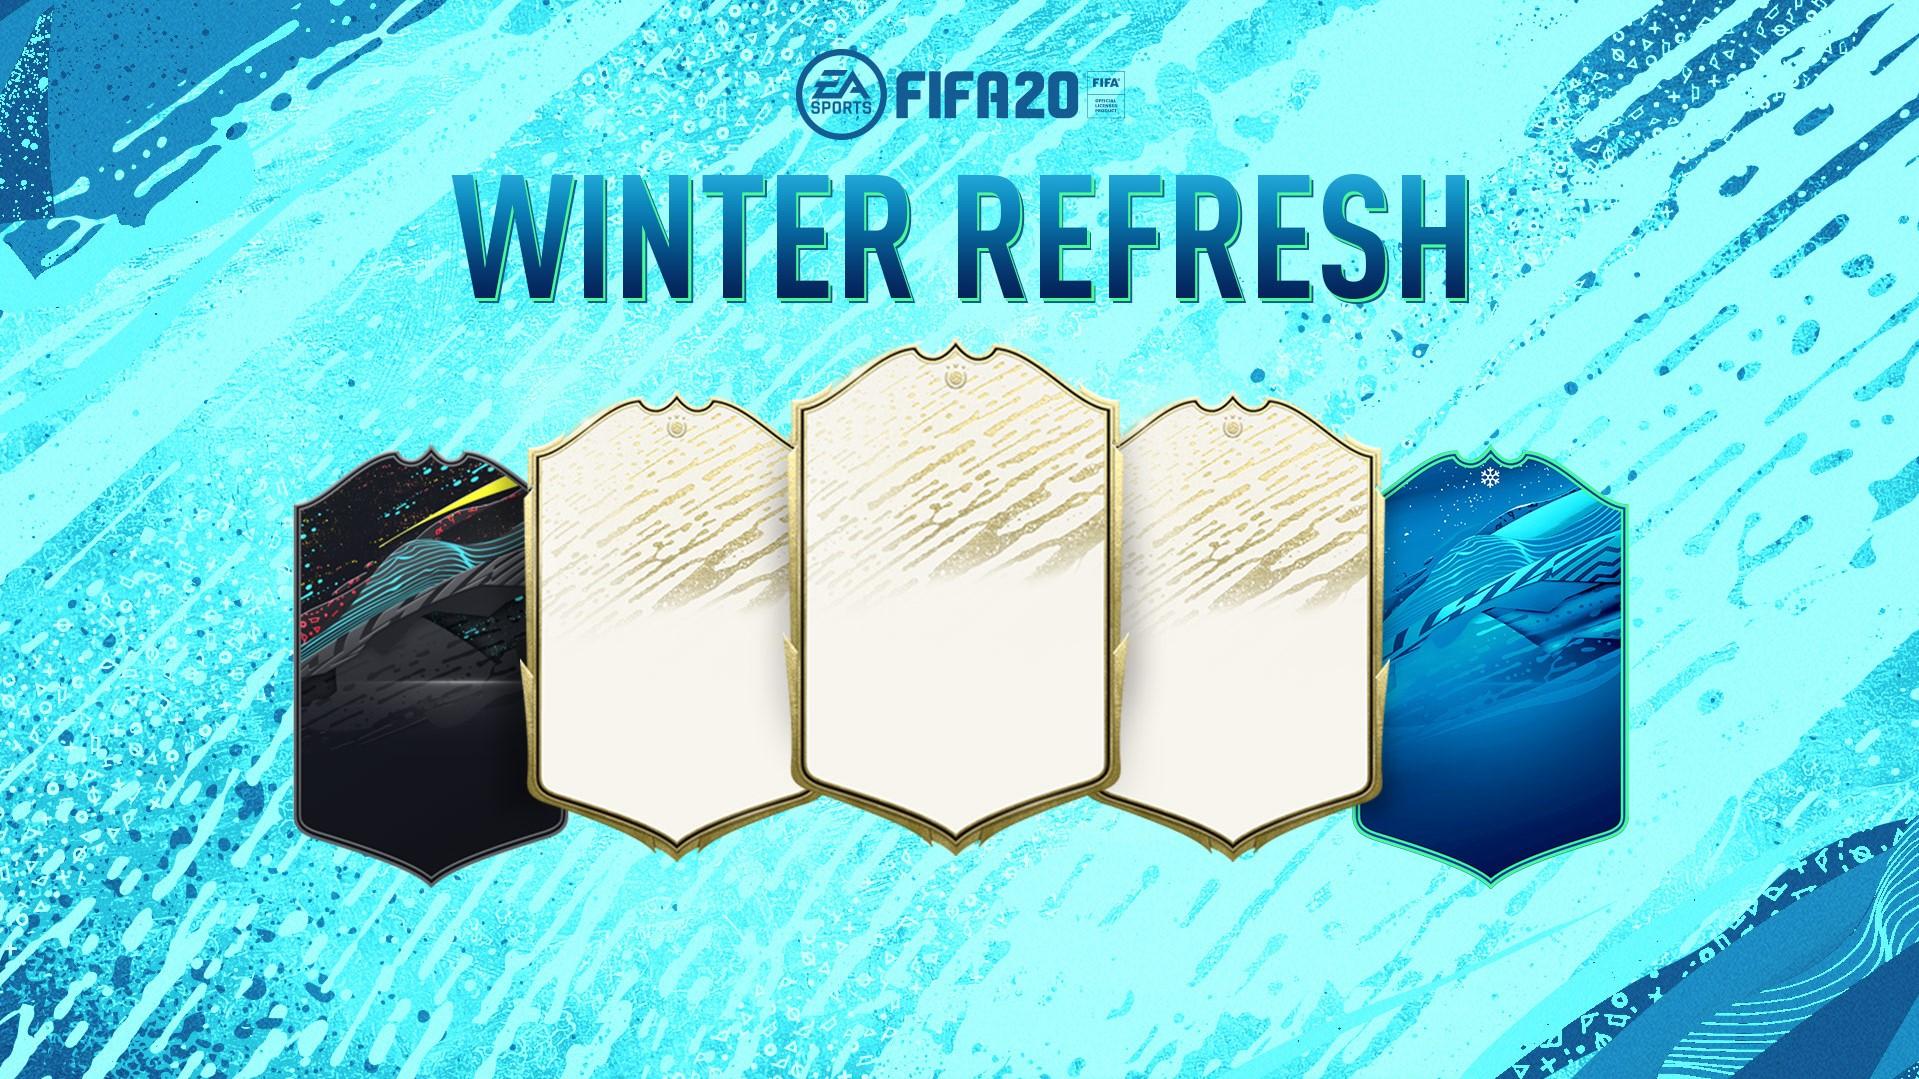 Winter Refresh sur FIFA 20 : le guide